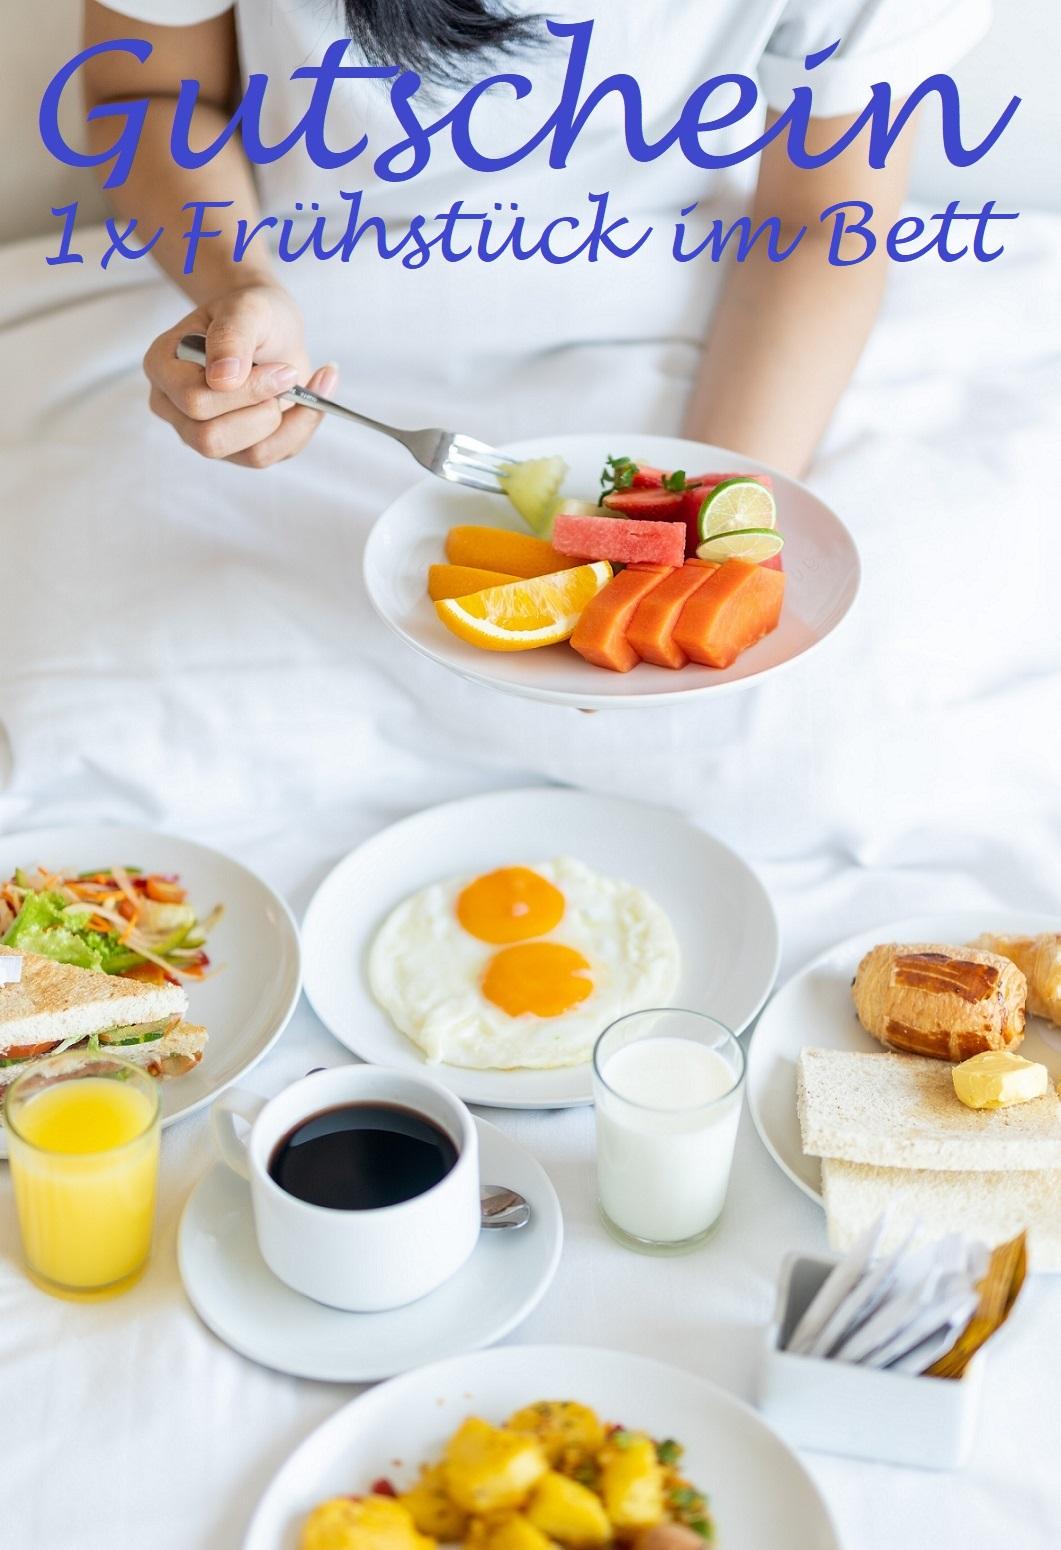 Frühstück vorlage kostenlos gutschein Erstaunlich Gutschein